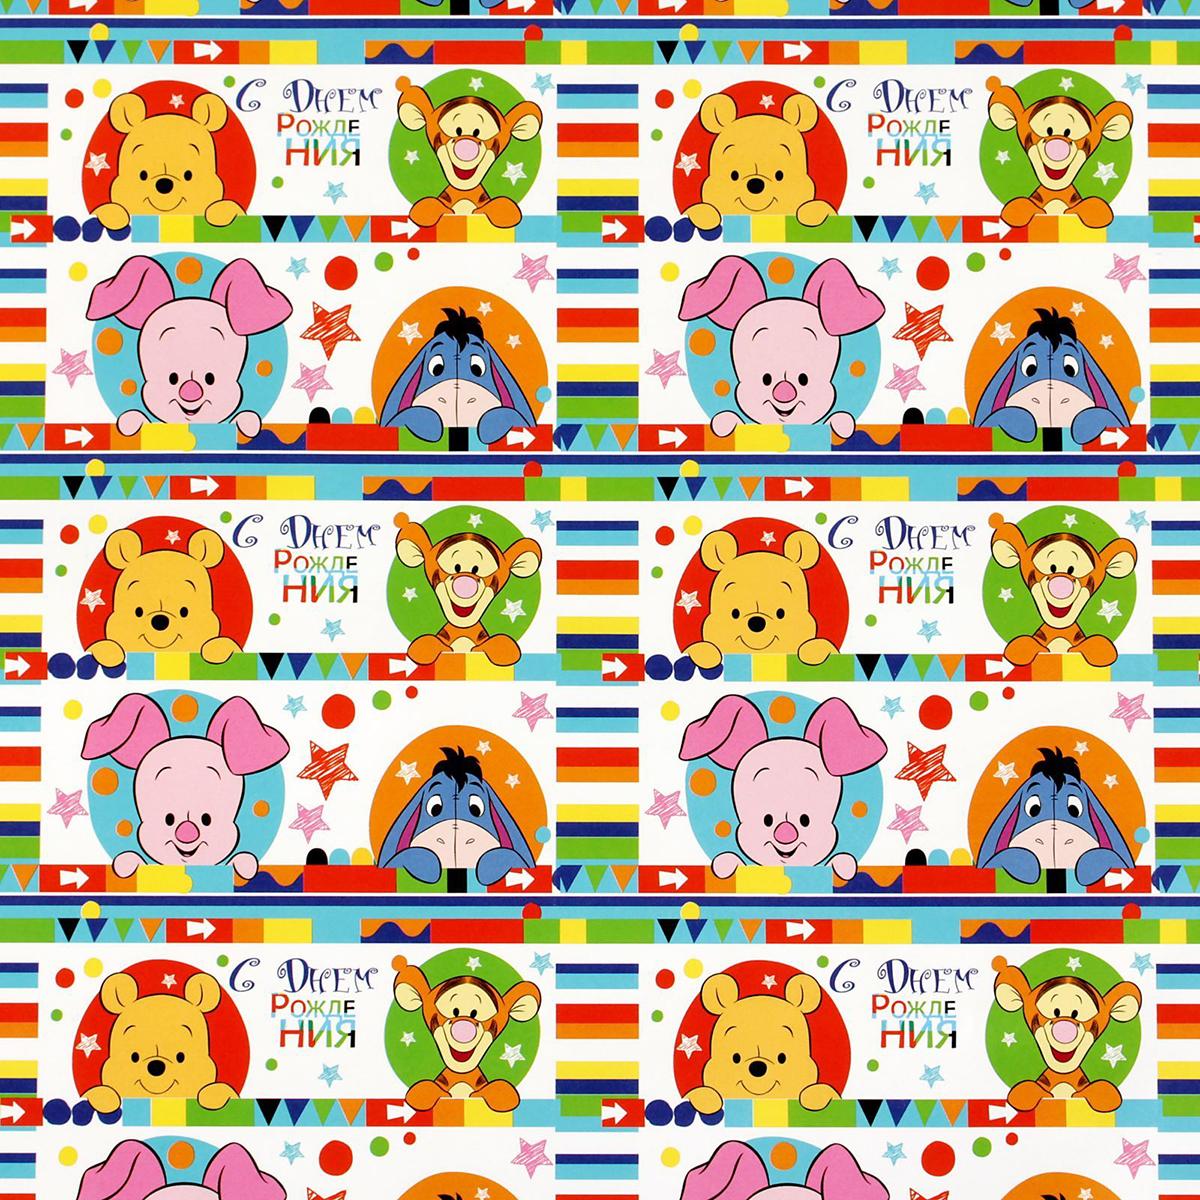 Бумага упаковочная Disney С Днем Рождения. Медвежонок Винни и его друзья, глянцевая, 70 х 100 см. 2586464 бумага упаковочная disney с днем рождения самая милая минни маус глянцевая 70 х 100 см 2390649